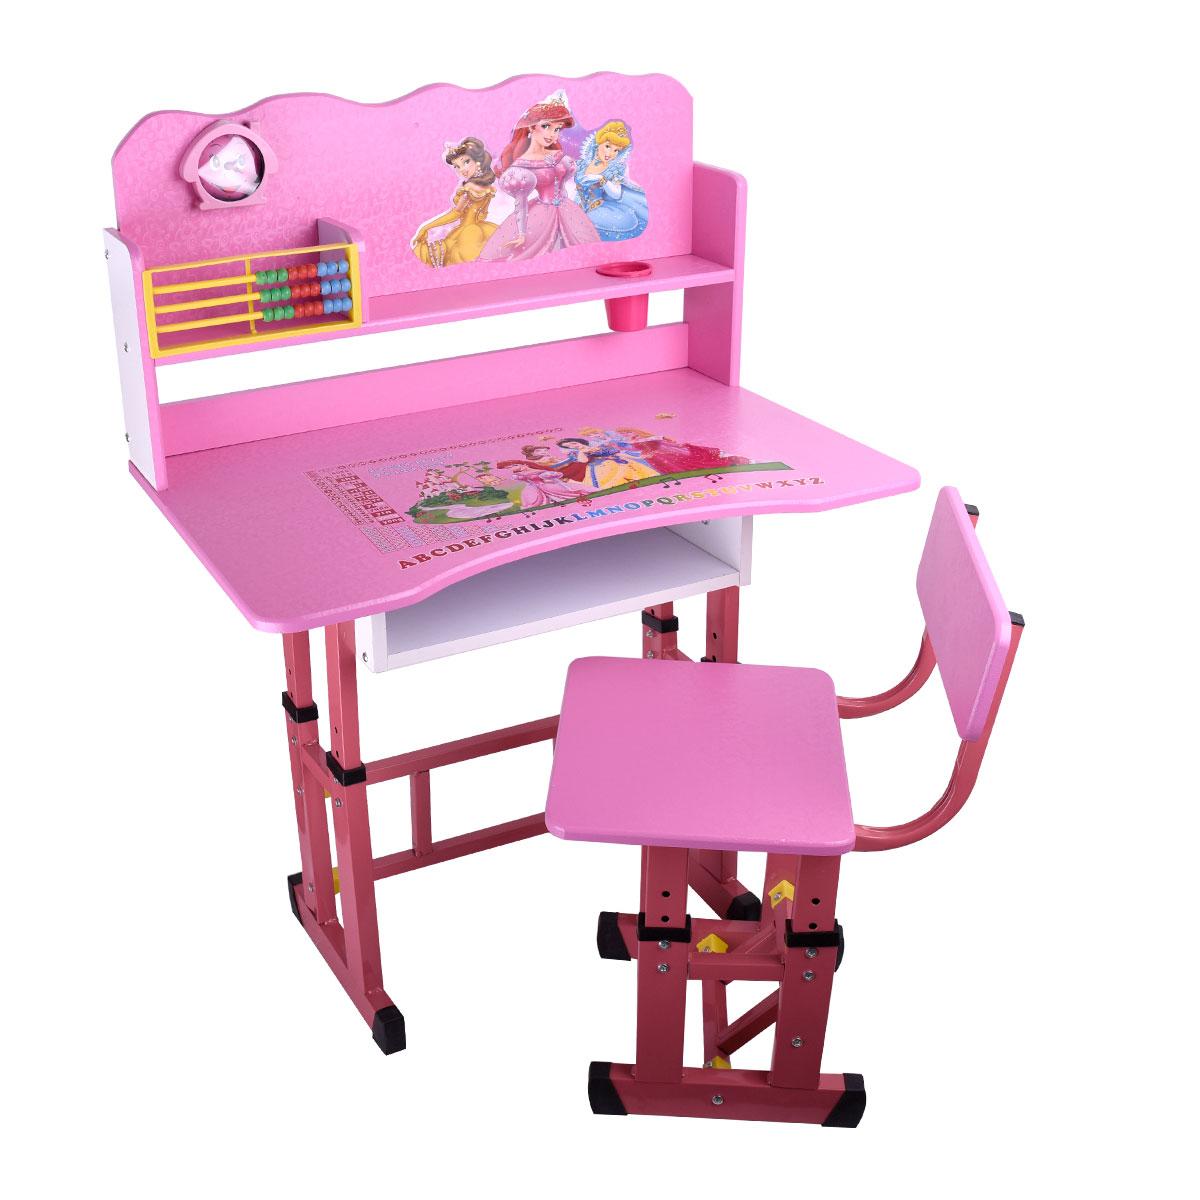 طاولة اطفال مدرسية خشب + كرسي , رقم B18